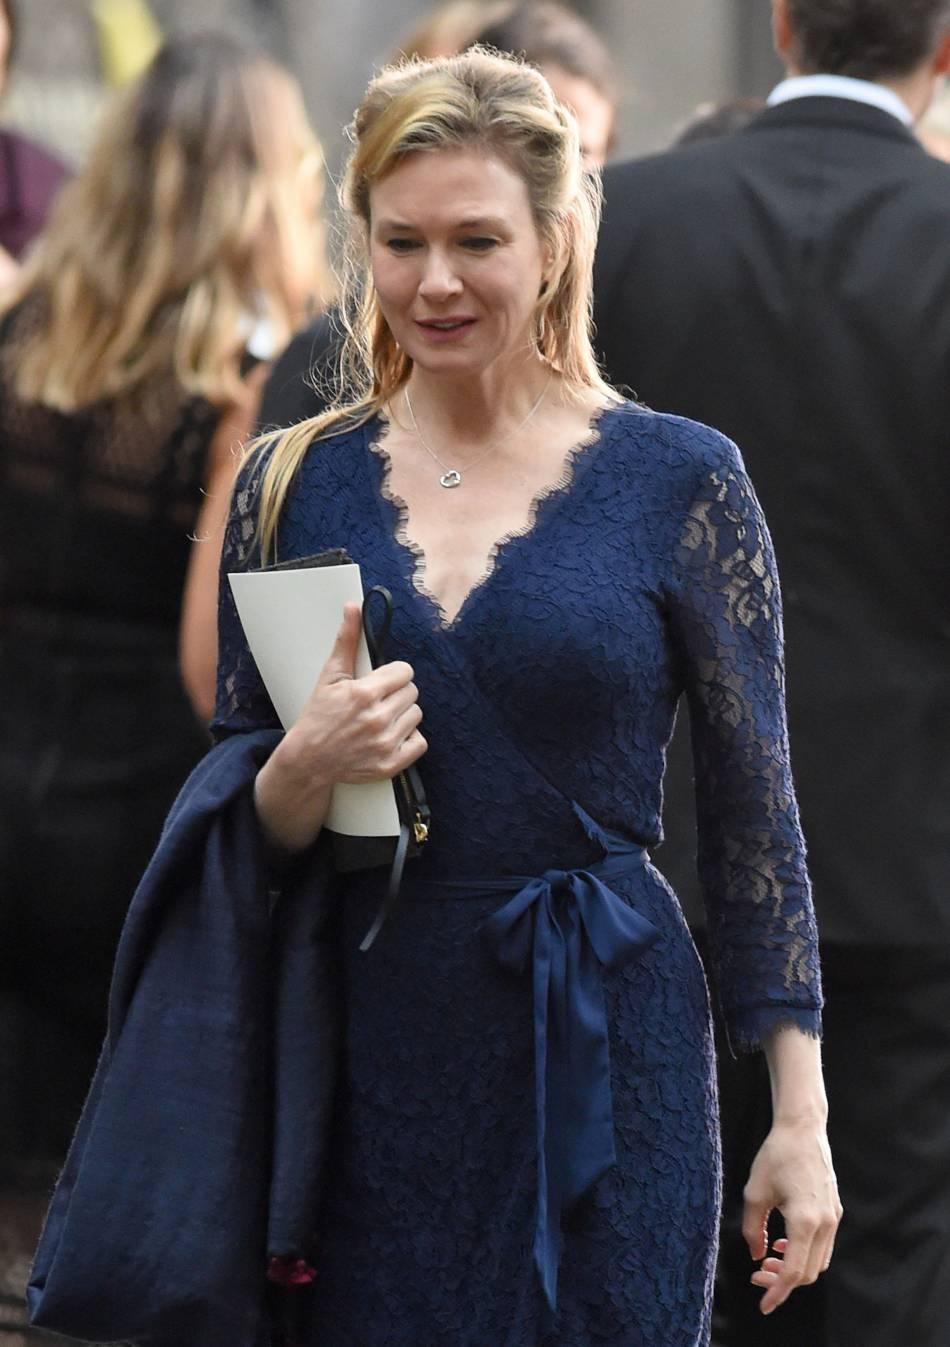 """Renée Zellweger sur le tournage du film """"Bridget Jones 3"""" à Londres, le 10 novembre 2015. Pour le rôle, Renée Zellweger a pris un peu de poids. Elle ne comprend pas que tout le monde ne parle qe de ça !"""